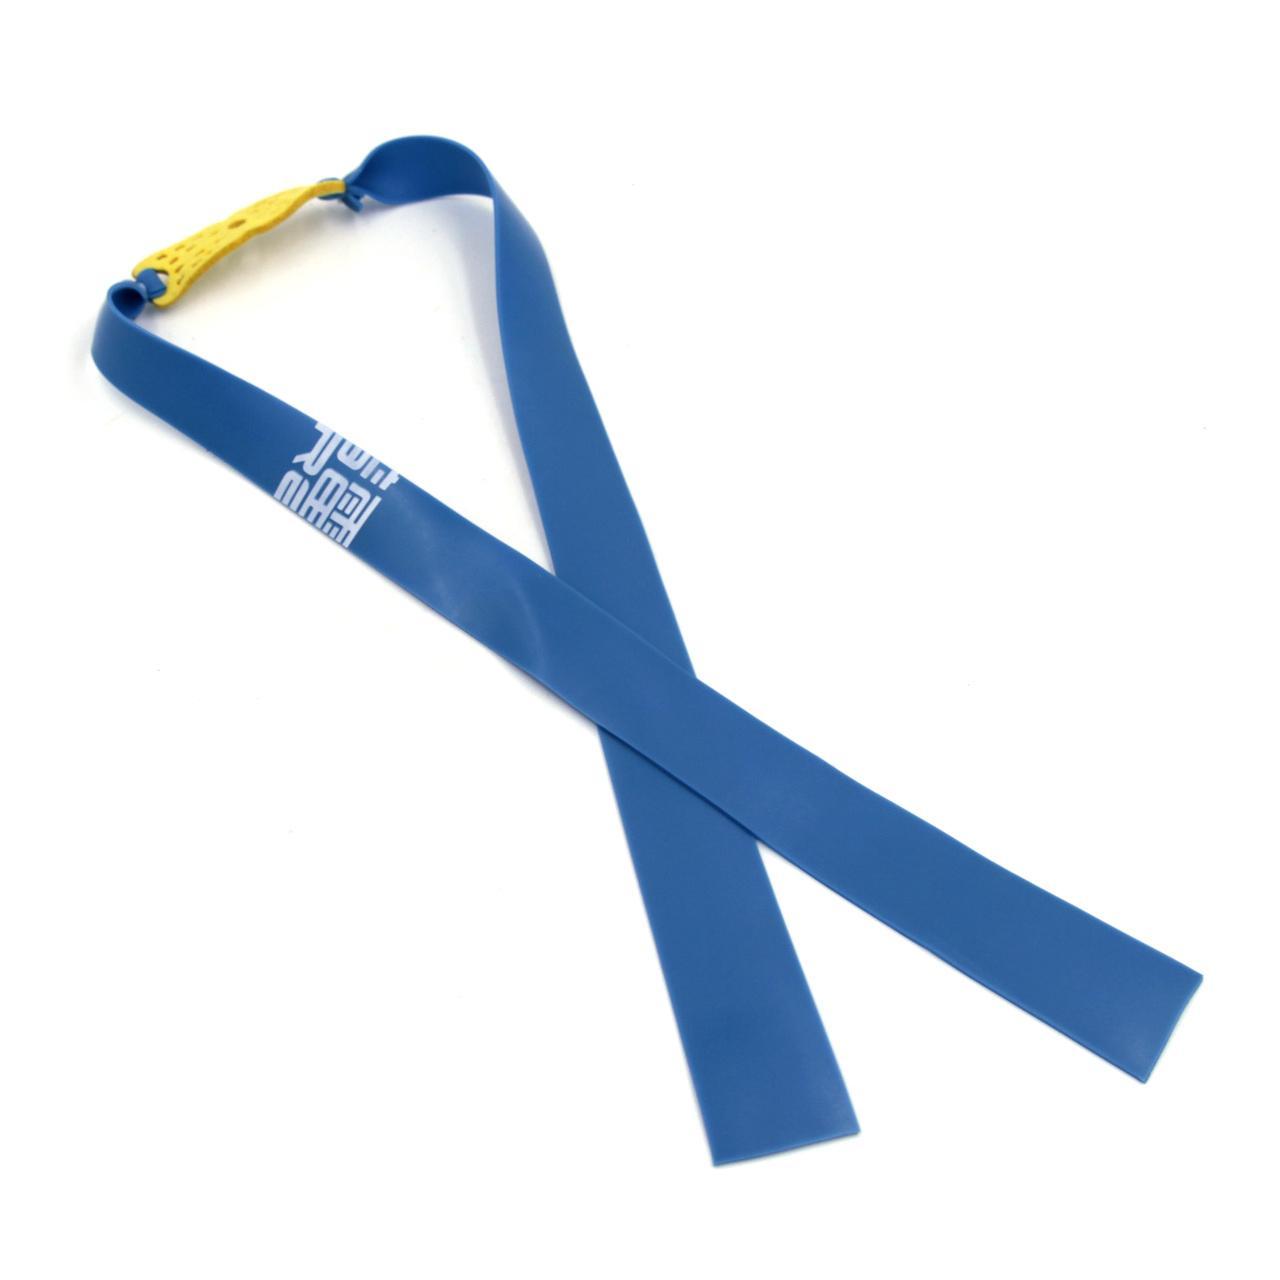 Hình ảnh 01 bộ dây chun dẹp Precise thần thánh 0.8mm (Màu xanh dương)